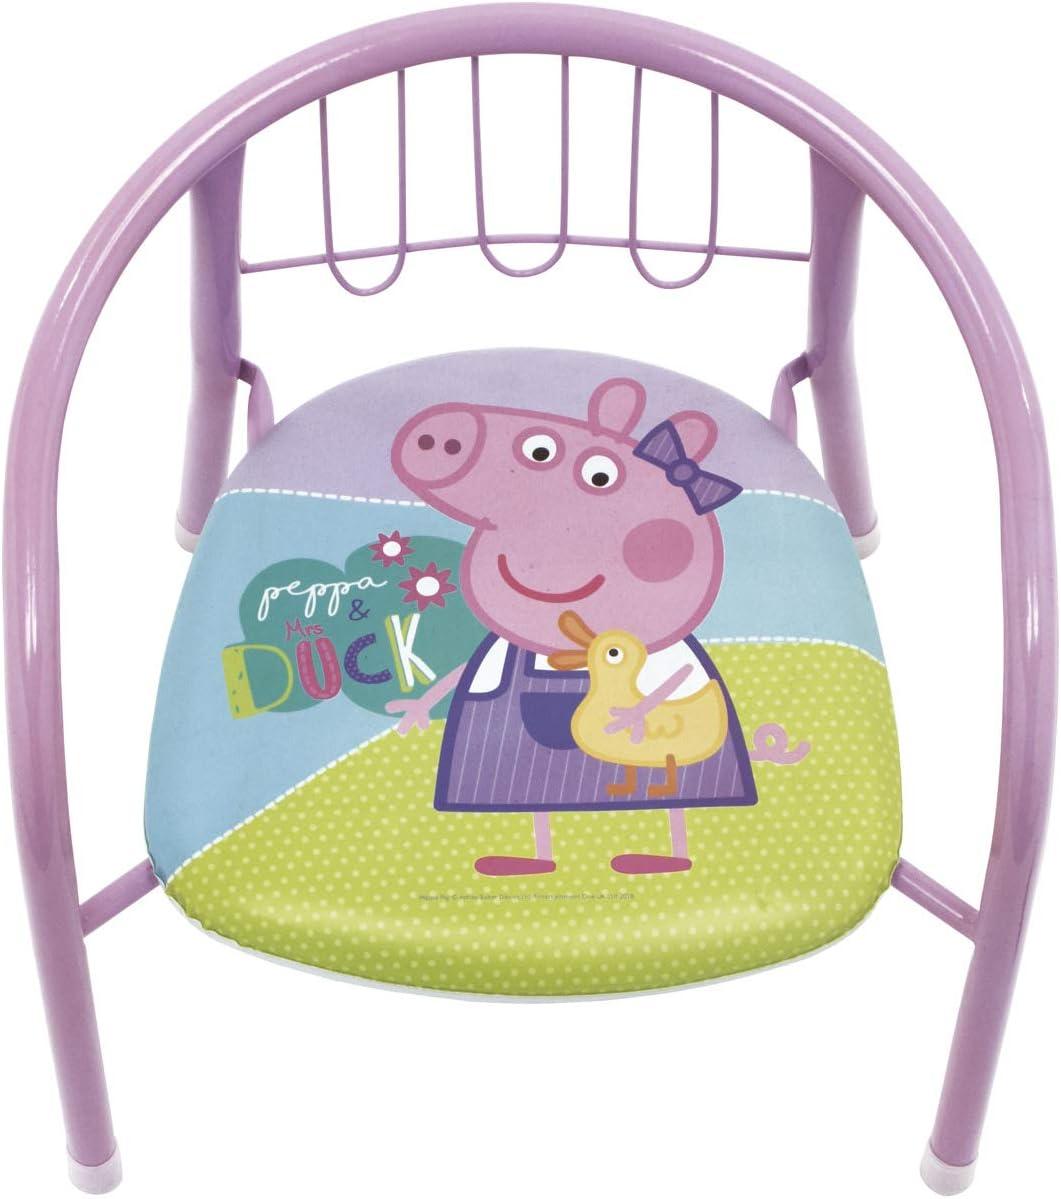 Peppa Pig familie24 Kindersessel gepolstert Auswahl Klappsessel Sessel Stuhl Hocker Sofa Kindersessel Kinderstuhl metallsessel Peppa Pig Paw Patrol Micky Minnie Maus